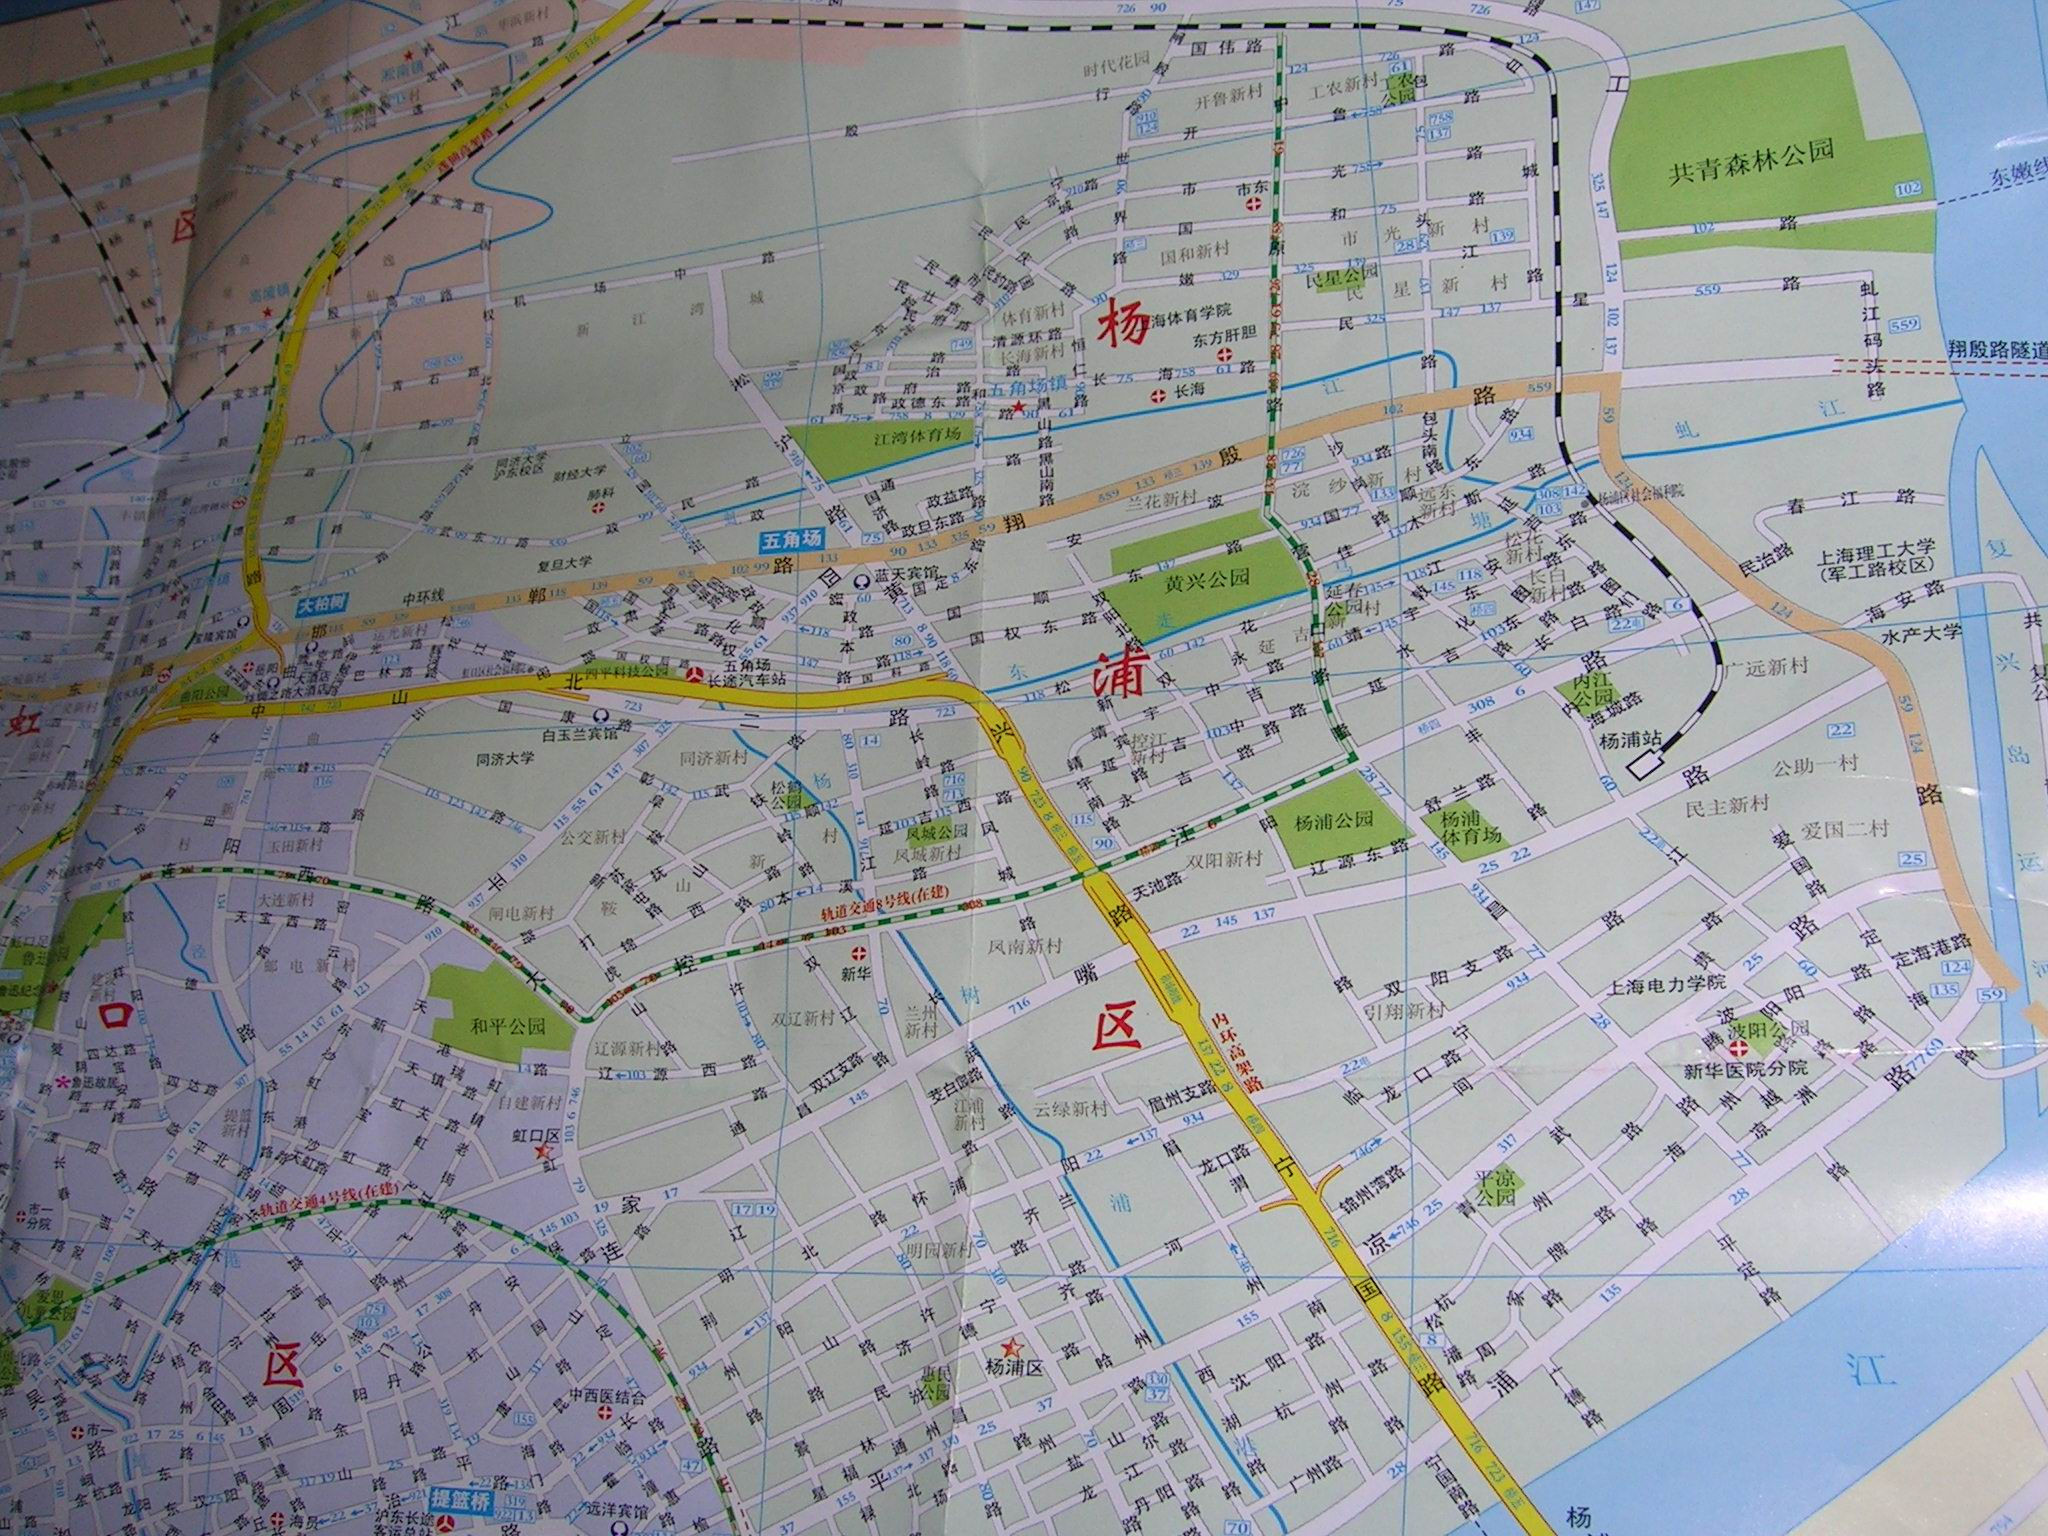 上海 地图 杨浦区/上海杨浦区地图